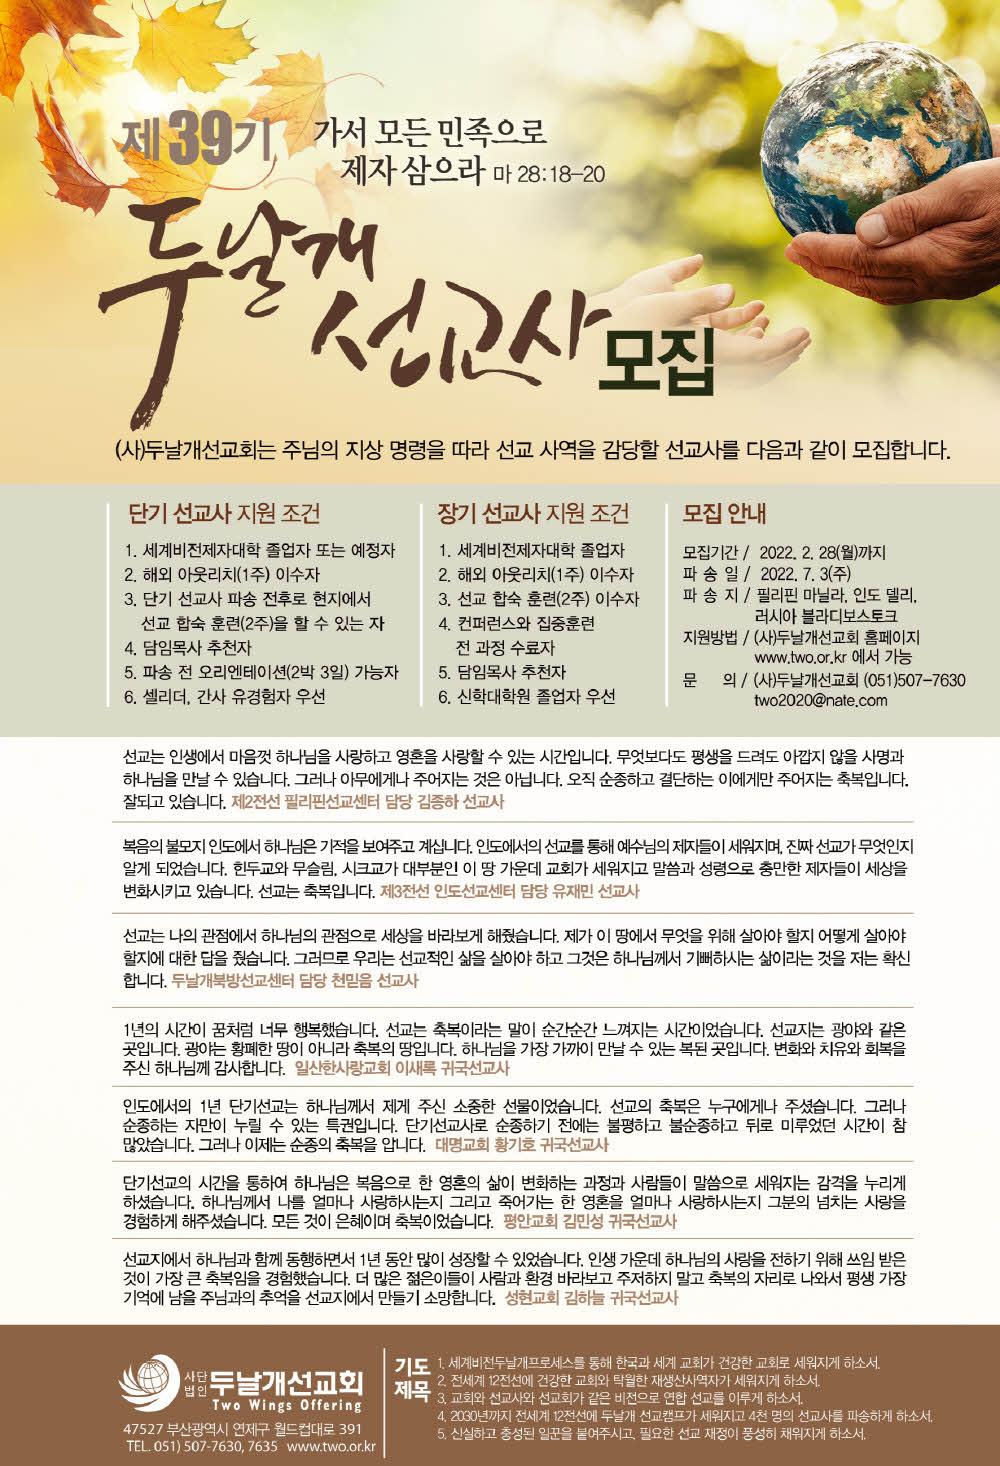 211013-제39기 두날개선교사모집-포스터-s